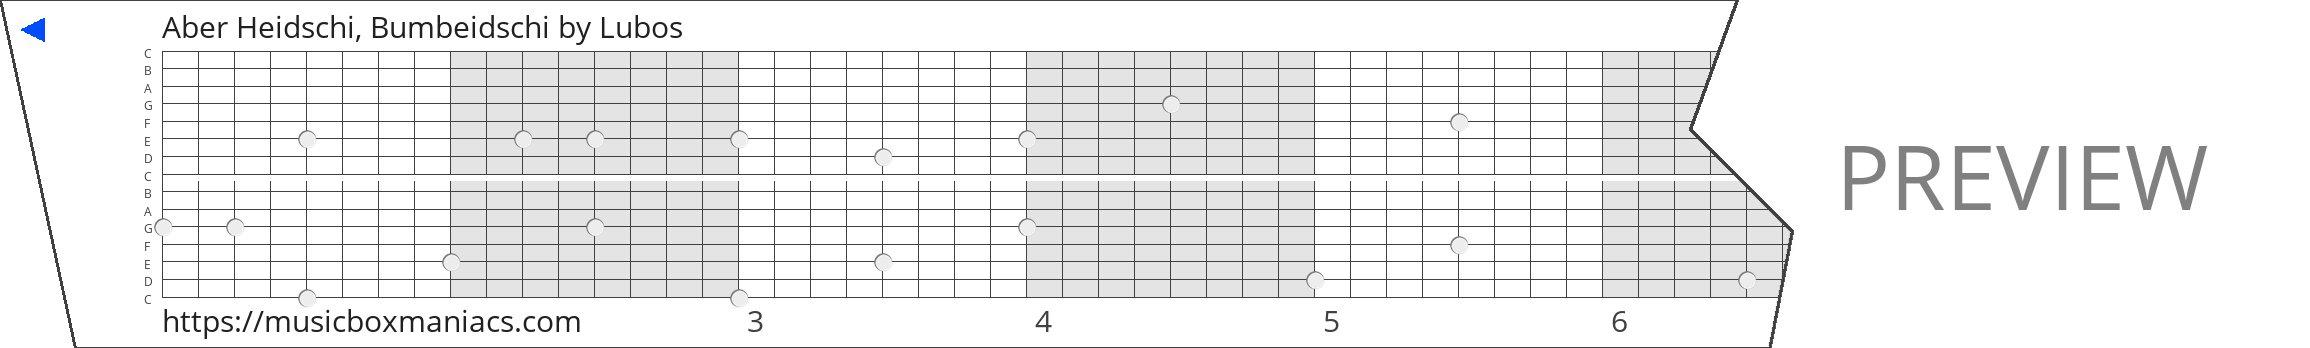 Aber Heidschi, Bumbeidschi 15 note music box paper strip